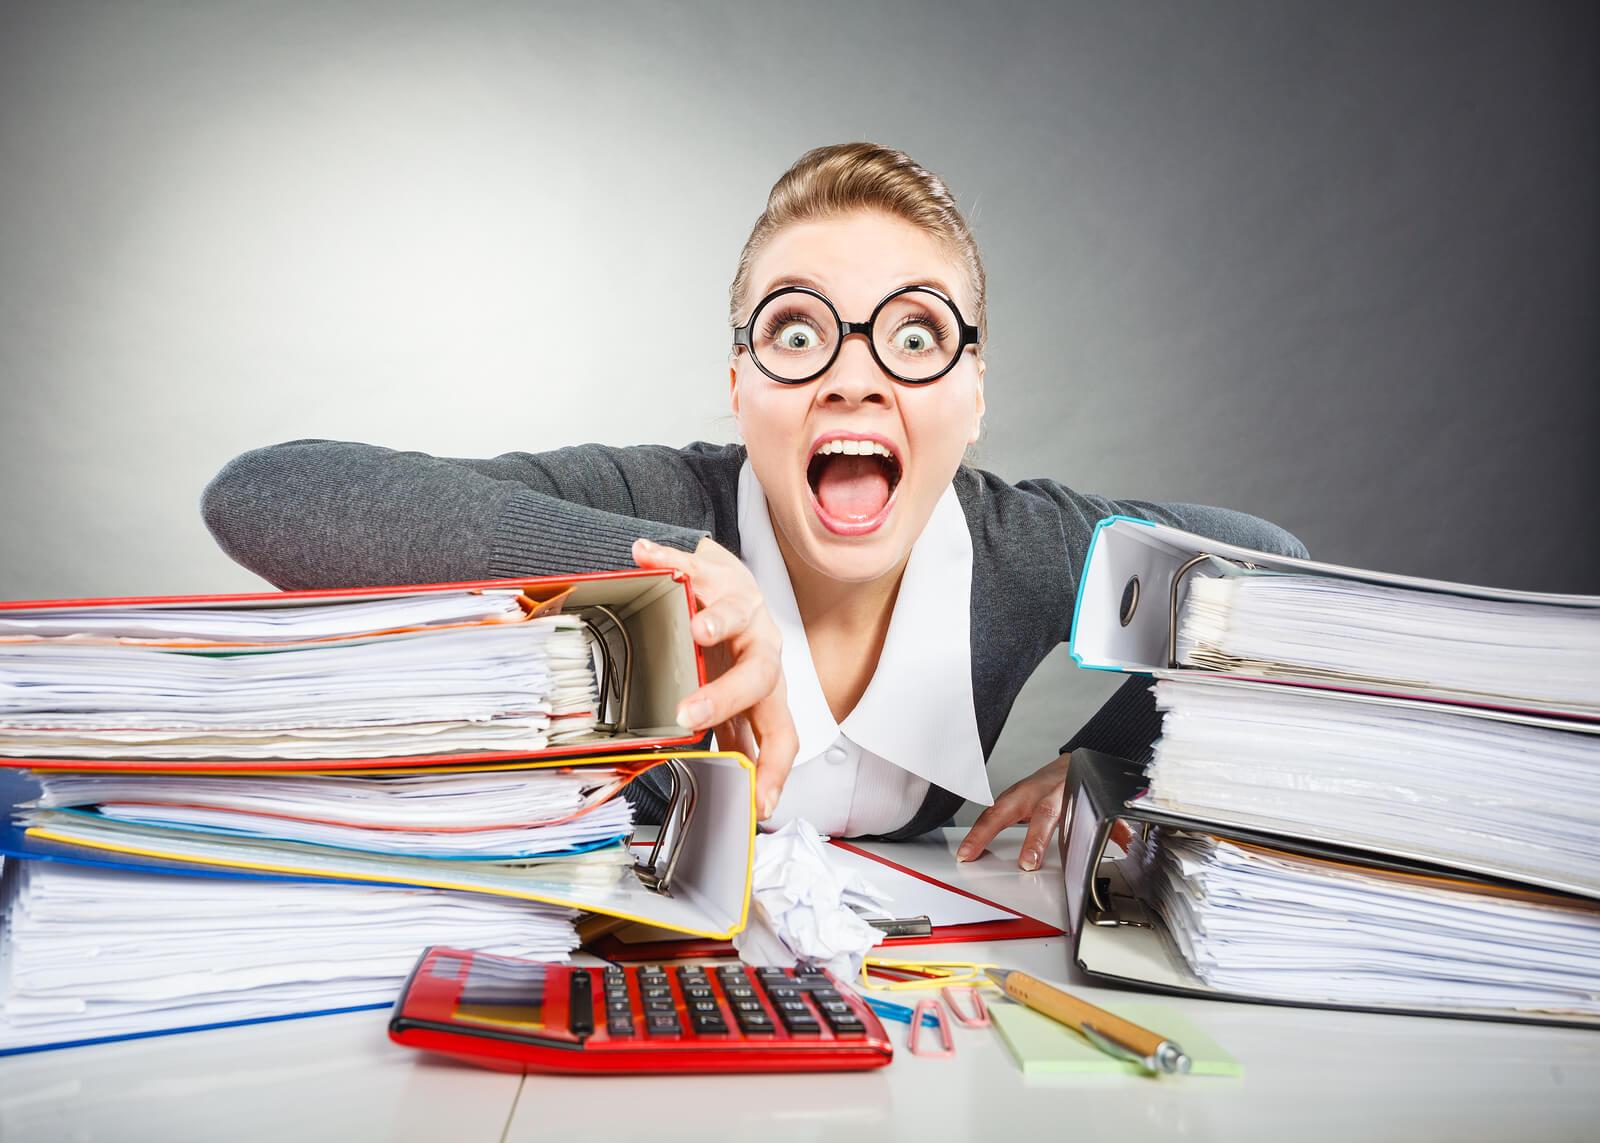 Прикольные картинки про бухгалтерскую отчетность